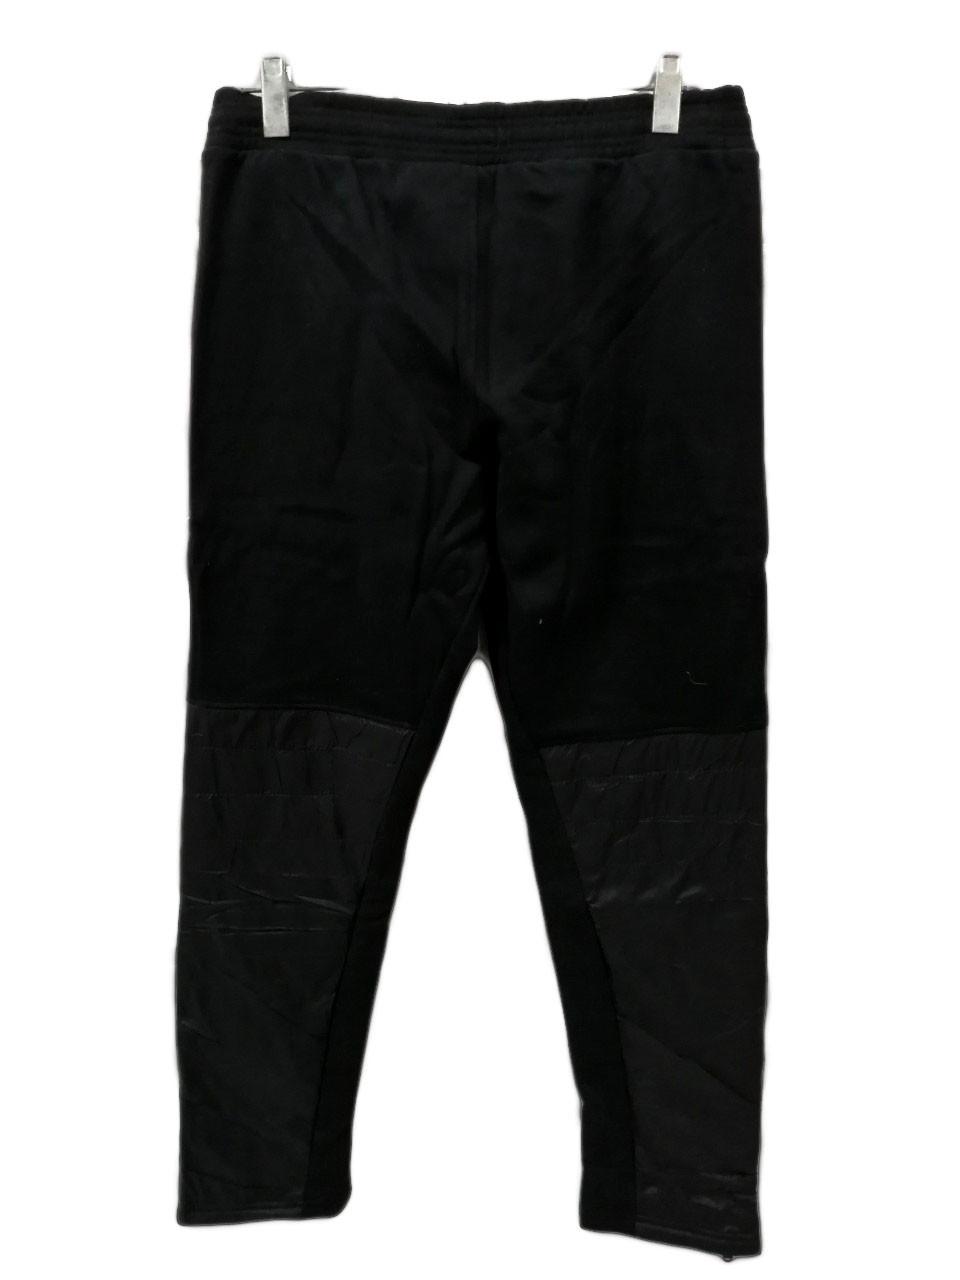 Брюки теплые Maraton прямые зимние мужские спортивные штаны с плащевыми вставками Черный